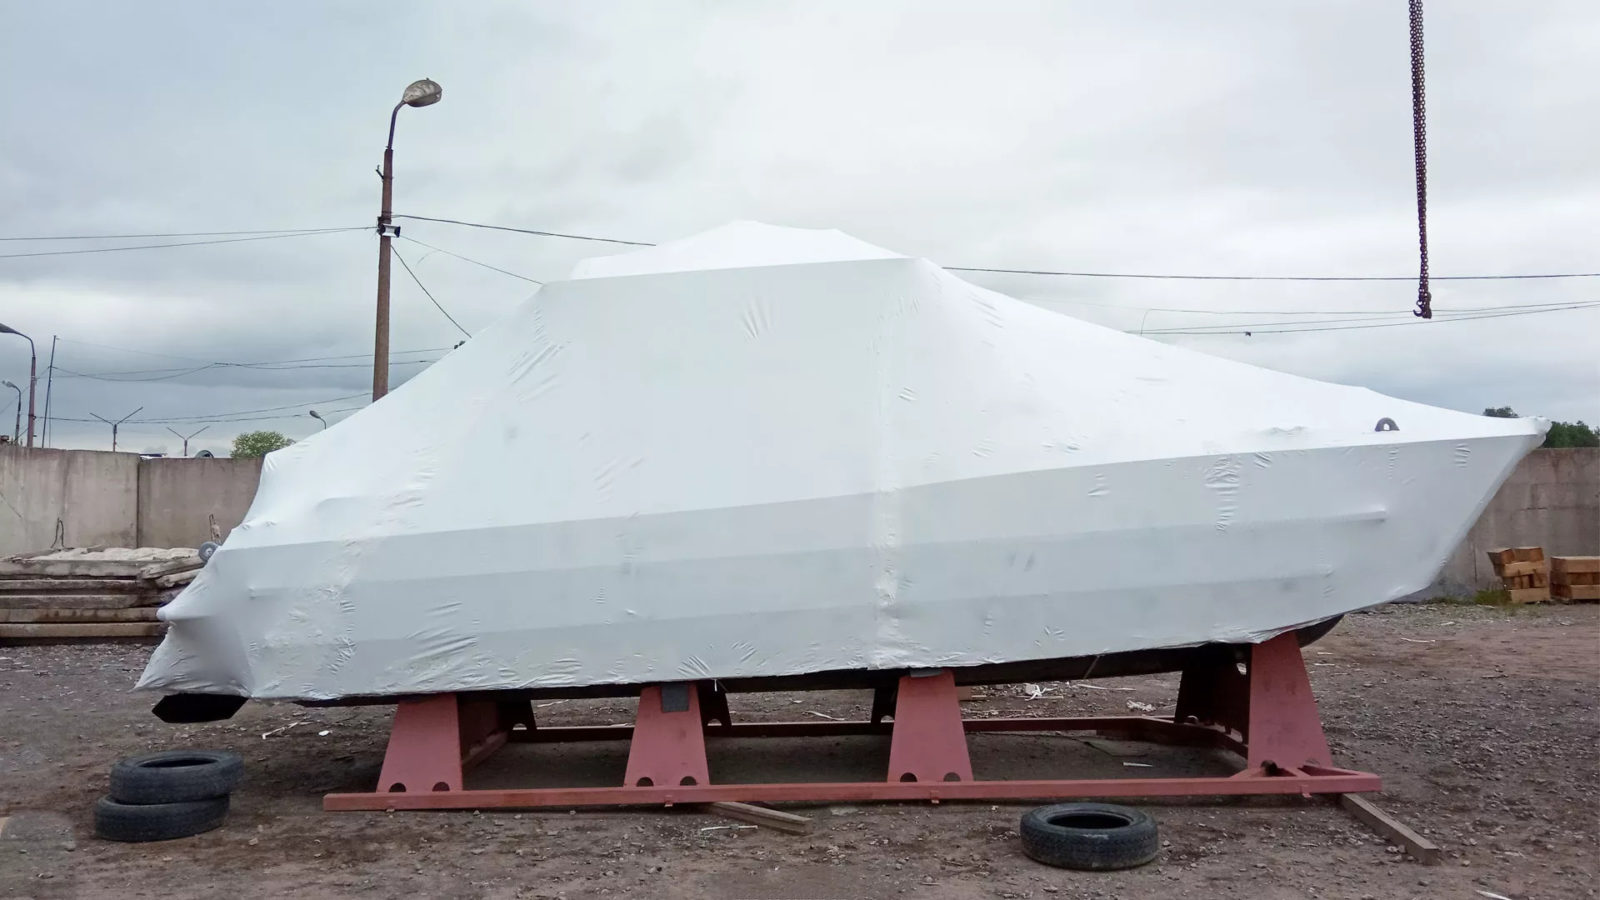 Упаковка катера для транспортировки в Сочи